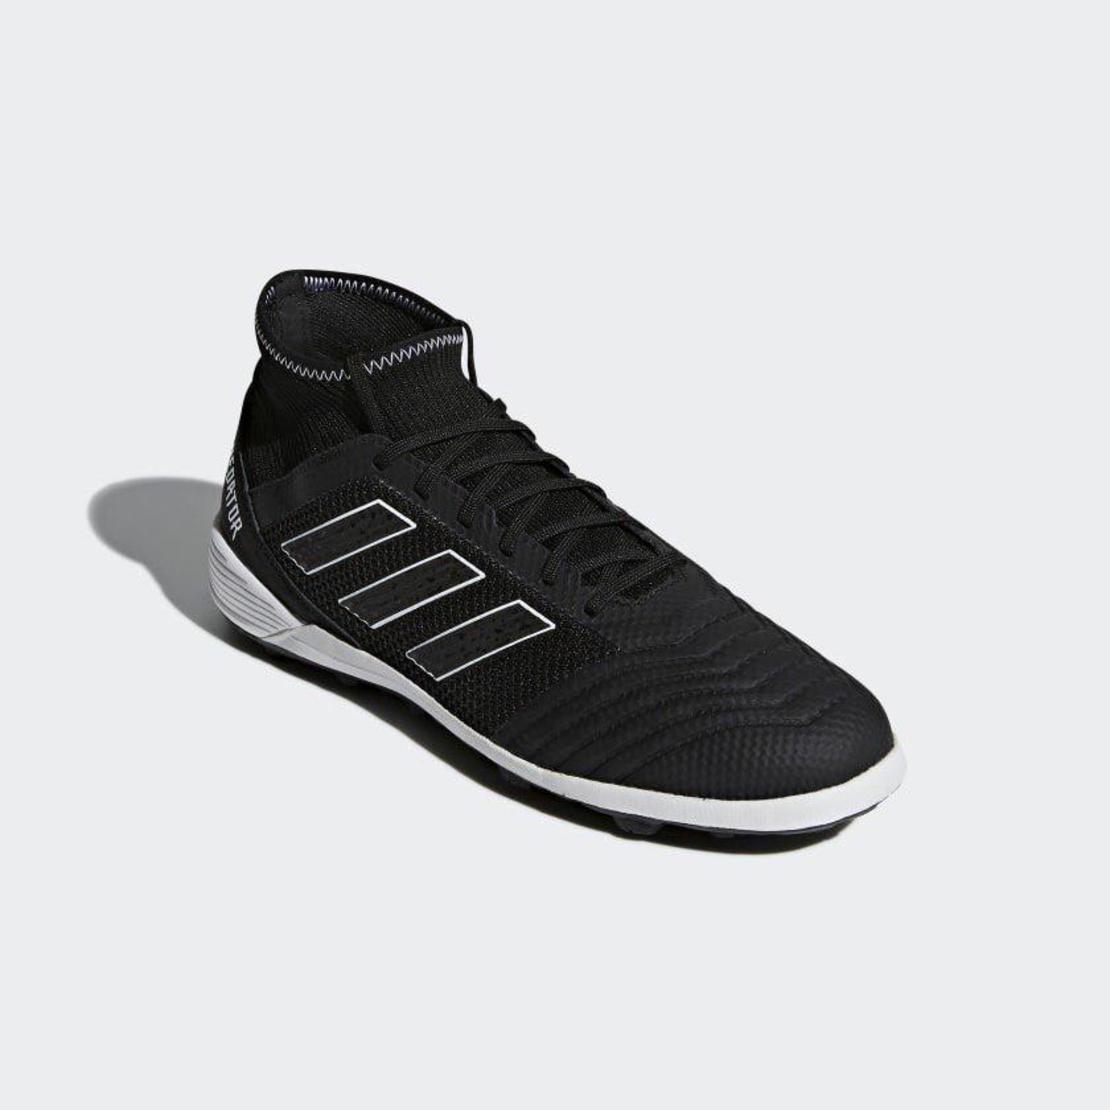 נעלי אדידס לגברים ADIDAS PREDATOR TANGO 18.3 TF